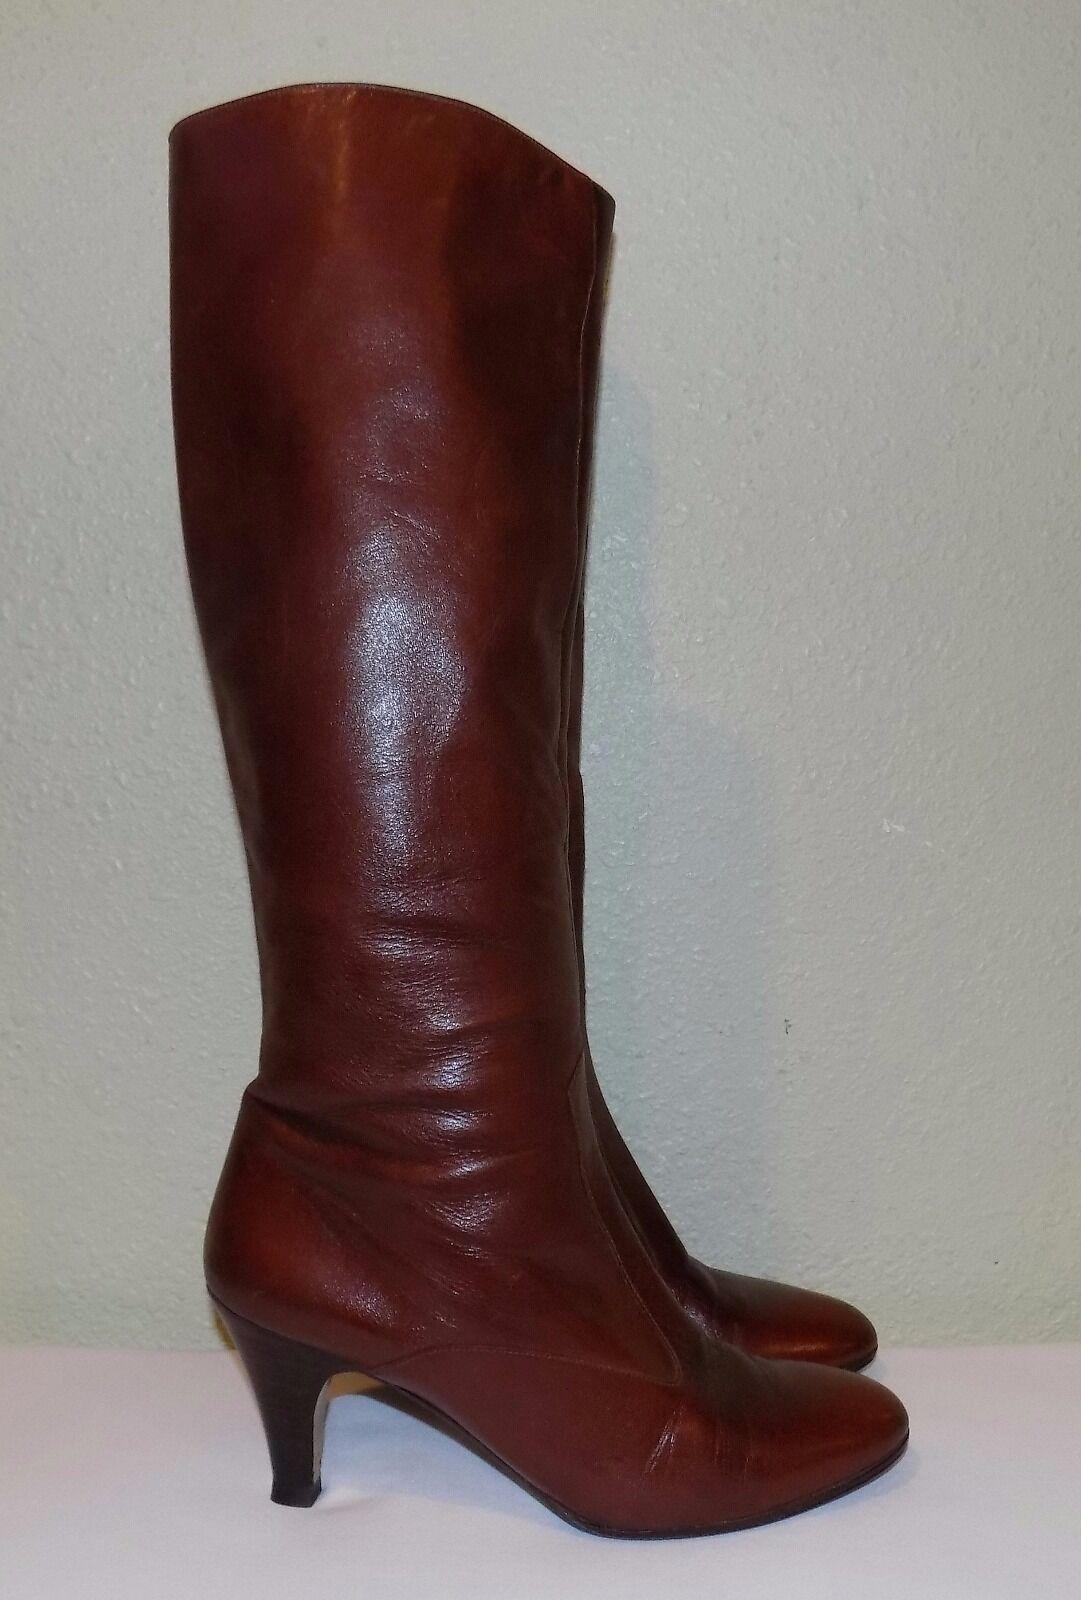 Damenschuhe COGNAC LTHR 7 BARE ORIGINALS SPAIN KNEE HIGH Stiefel 7 LTHR N NARROW EU 37 37.5 38 adf59e